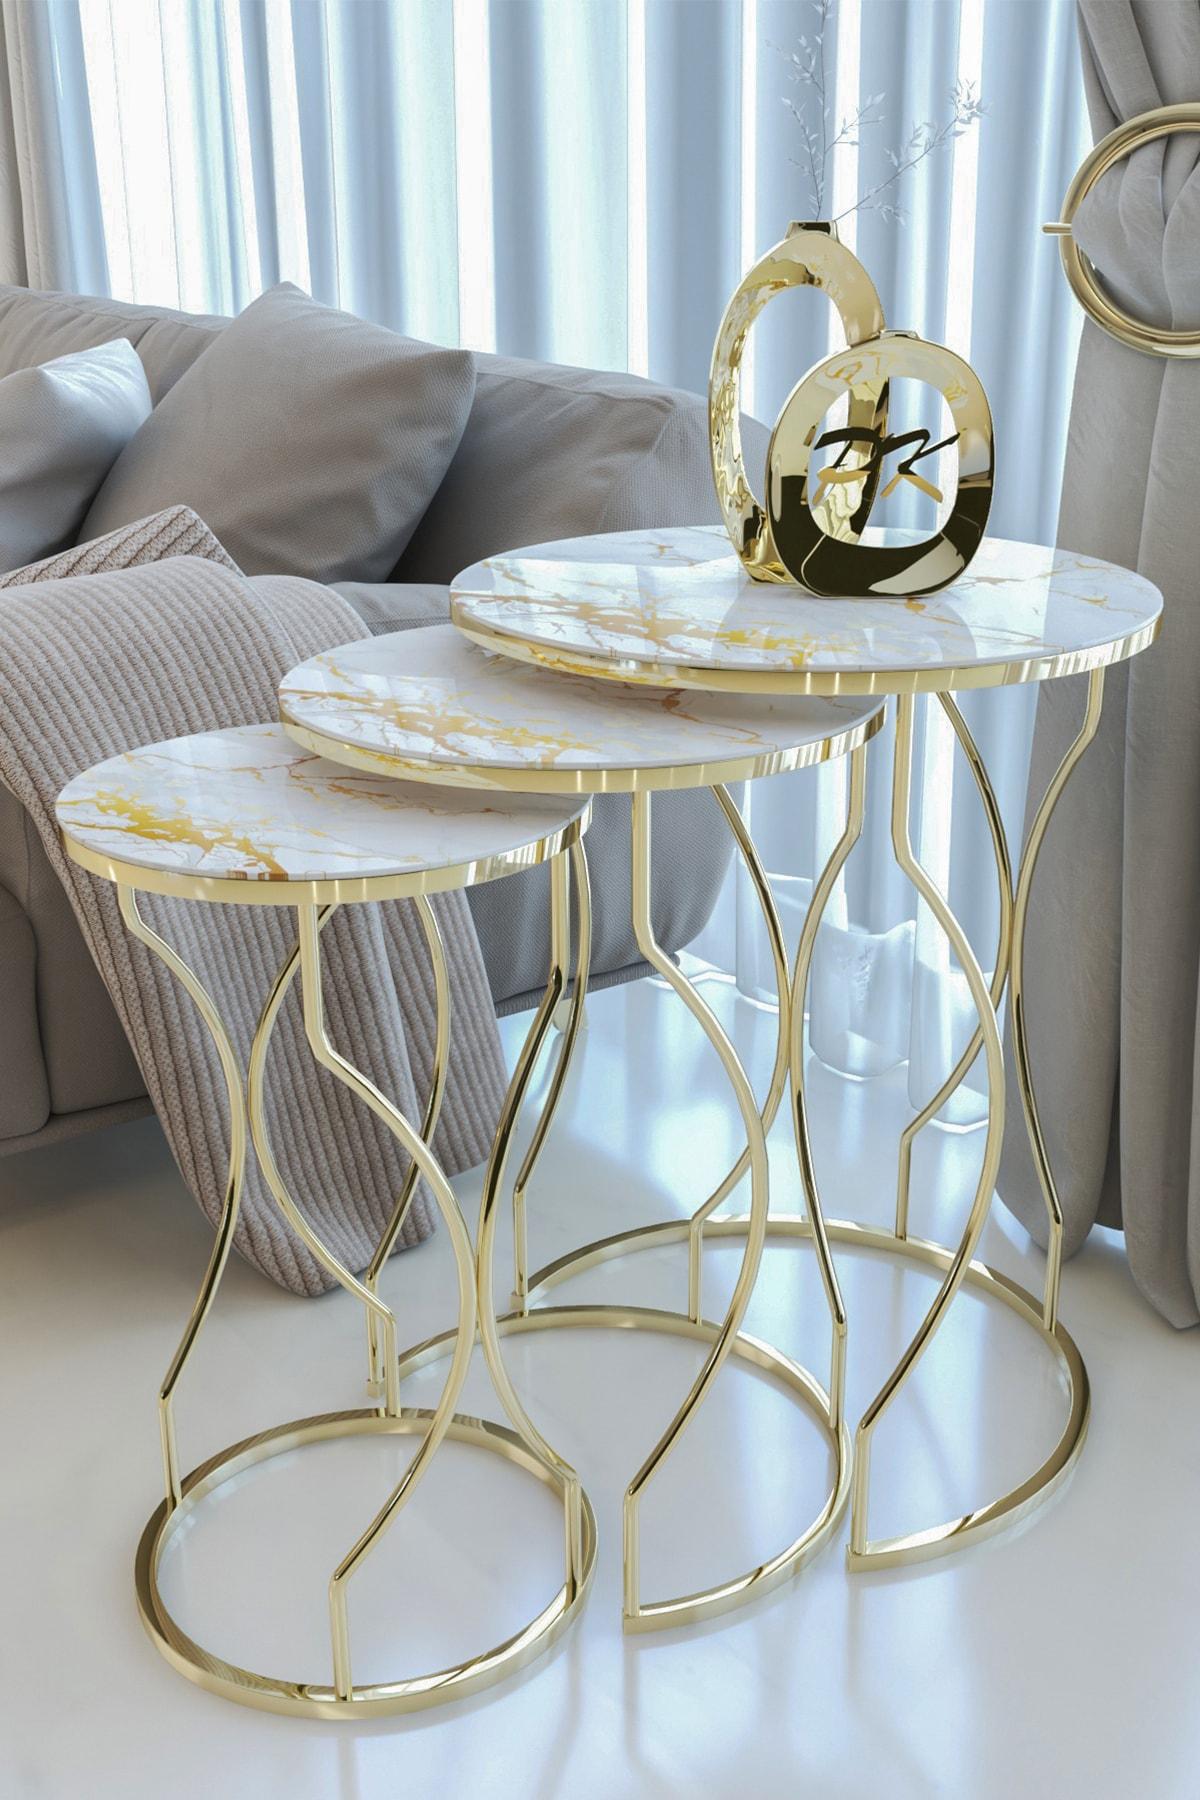 Kırılmaz Camlı Gold Rüya Model Zigon Sehpa Takımı ( Mermer Desenli)